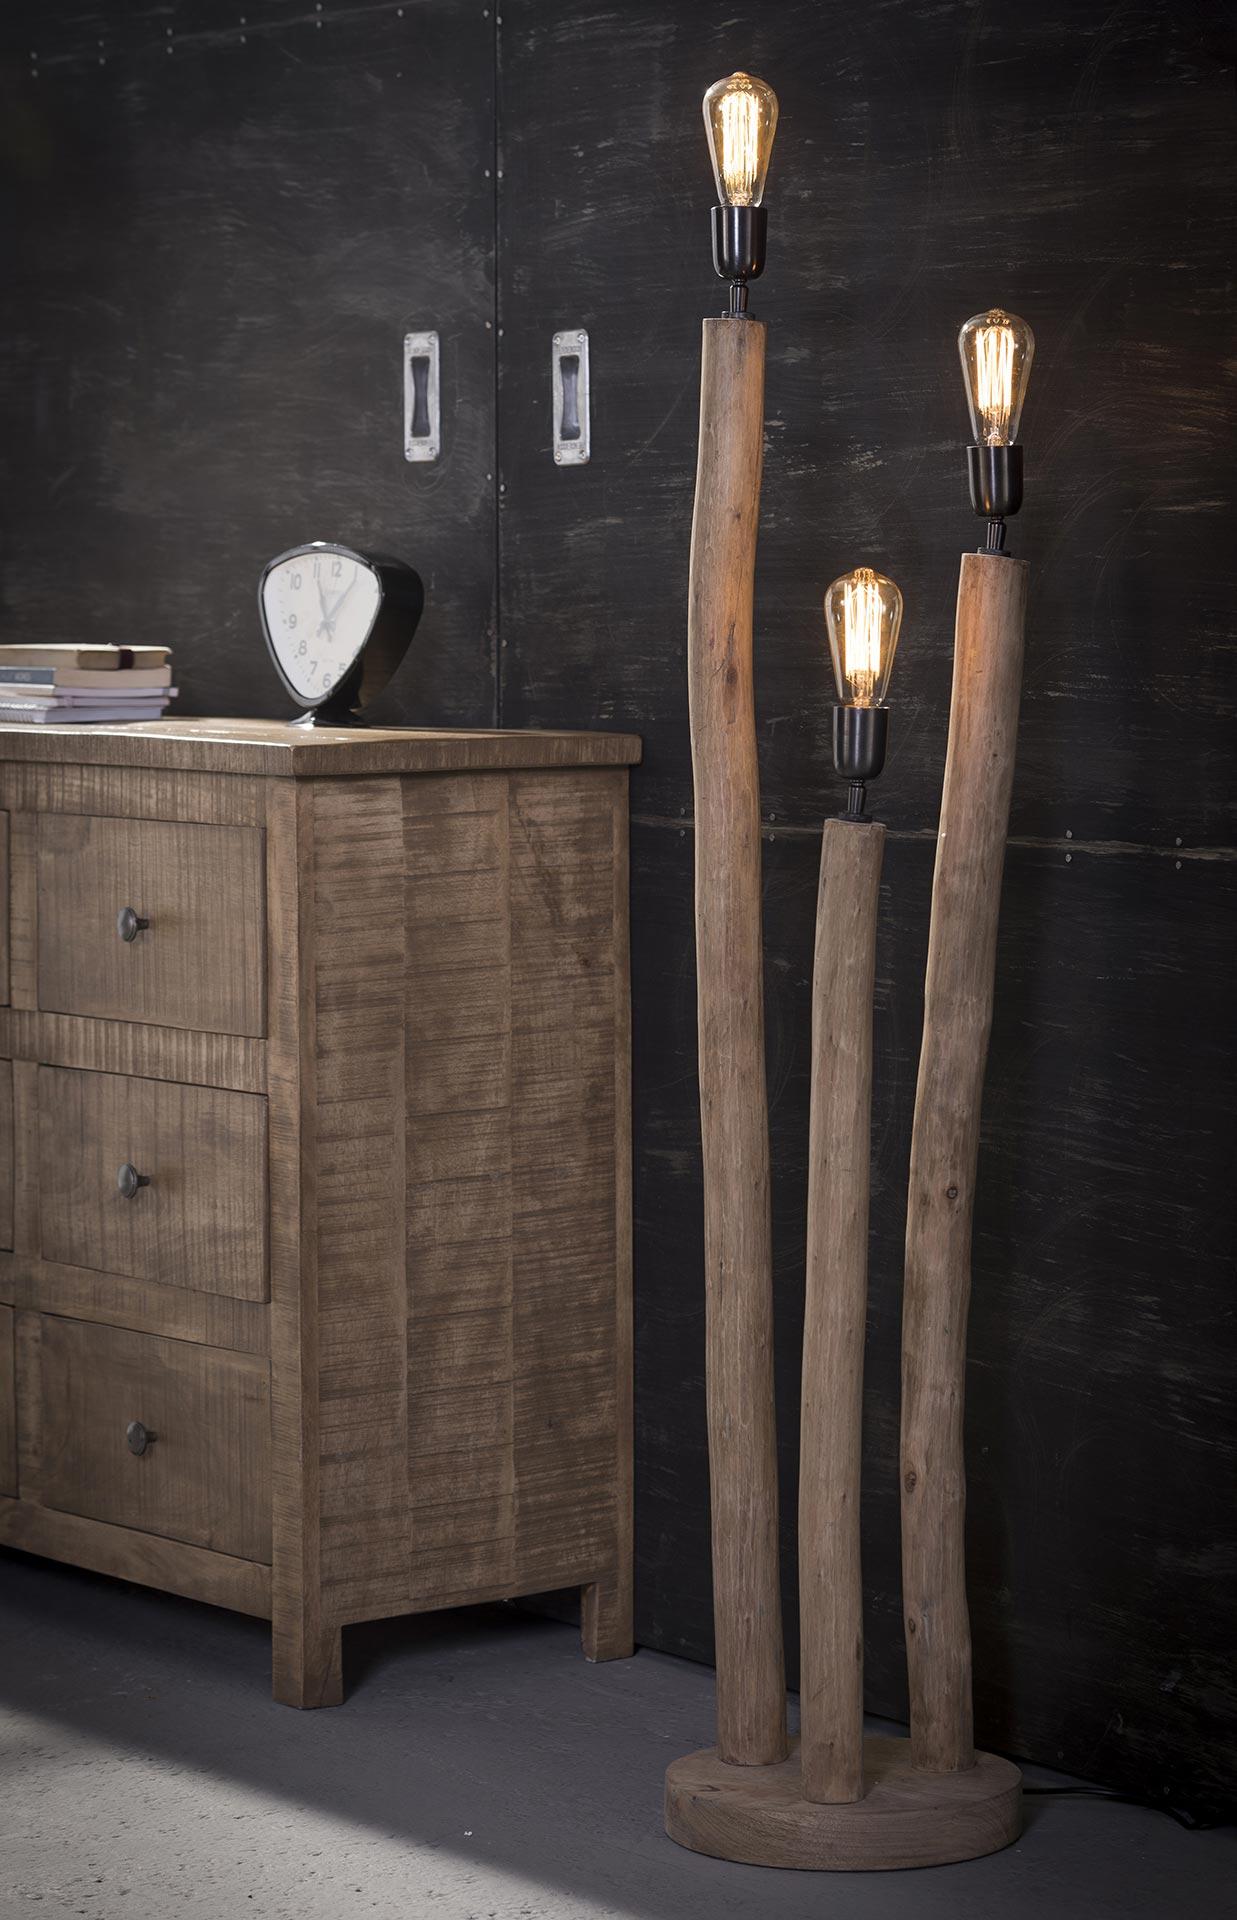 Vloerlamp 3x eucalyptus - Eucalyptus